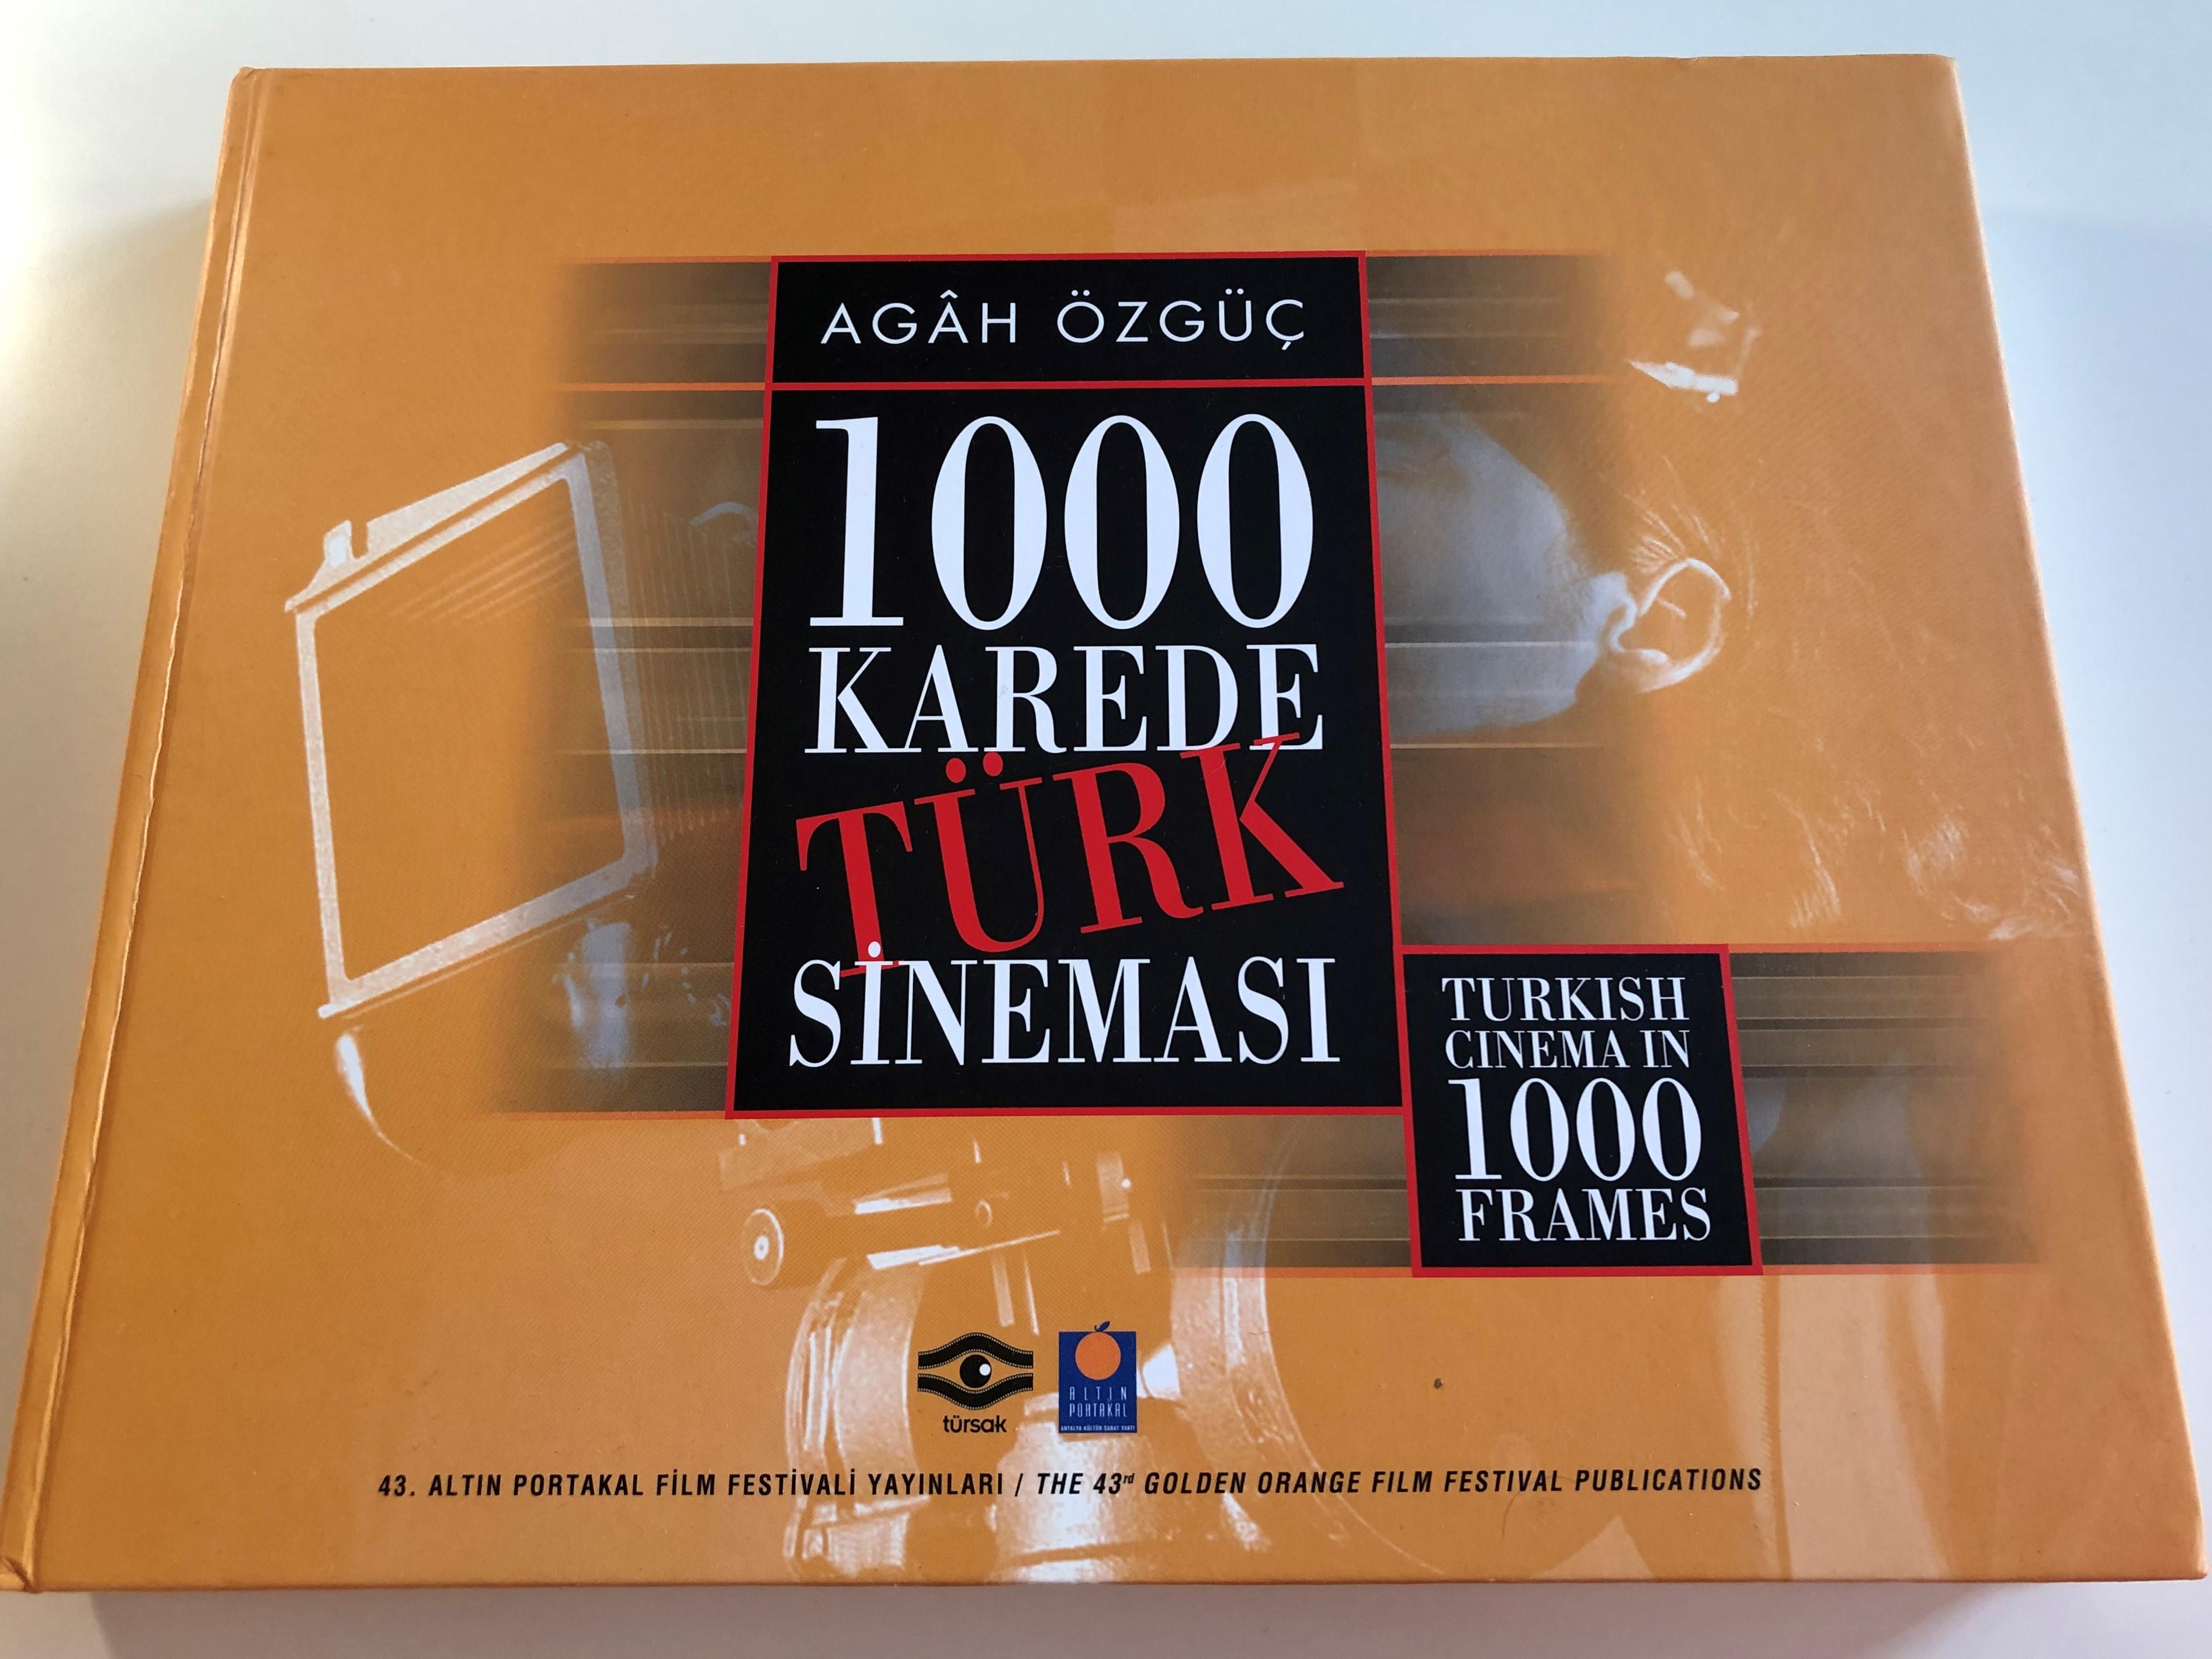 1000-karede-t-rk-sinemasi-by-agan-zg-c-turkish-cinema-in-1000-frames-1.jpg